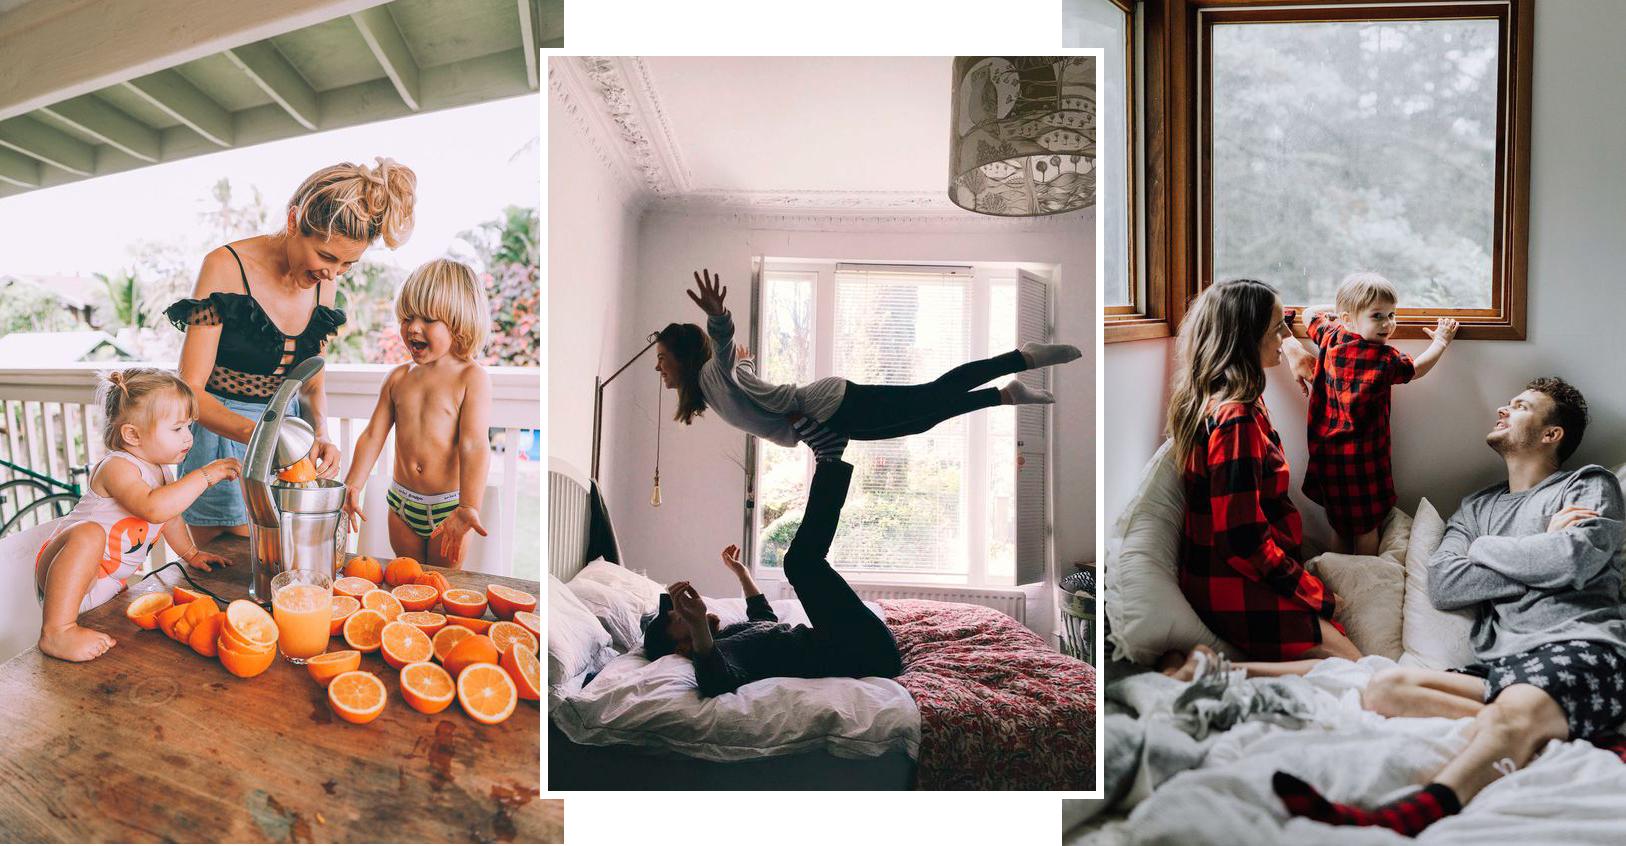 Aproveite esses 5 momentos do seu dia com lentes progressivas